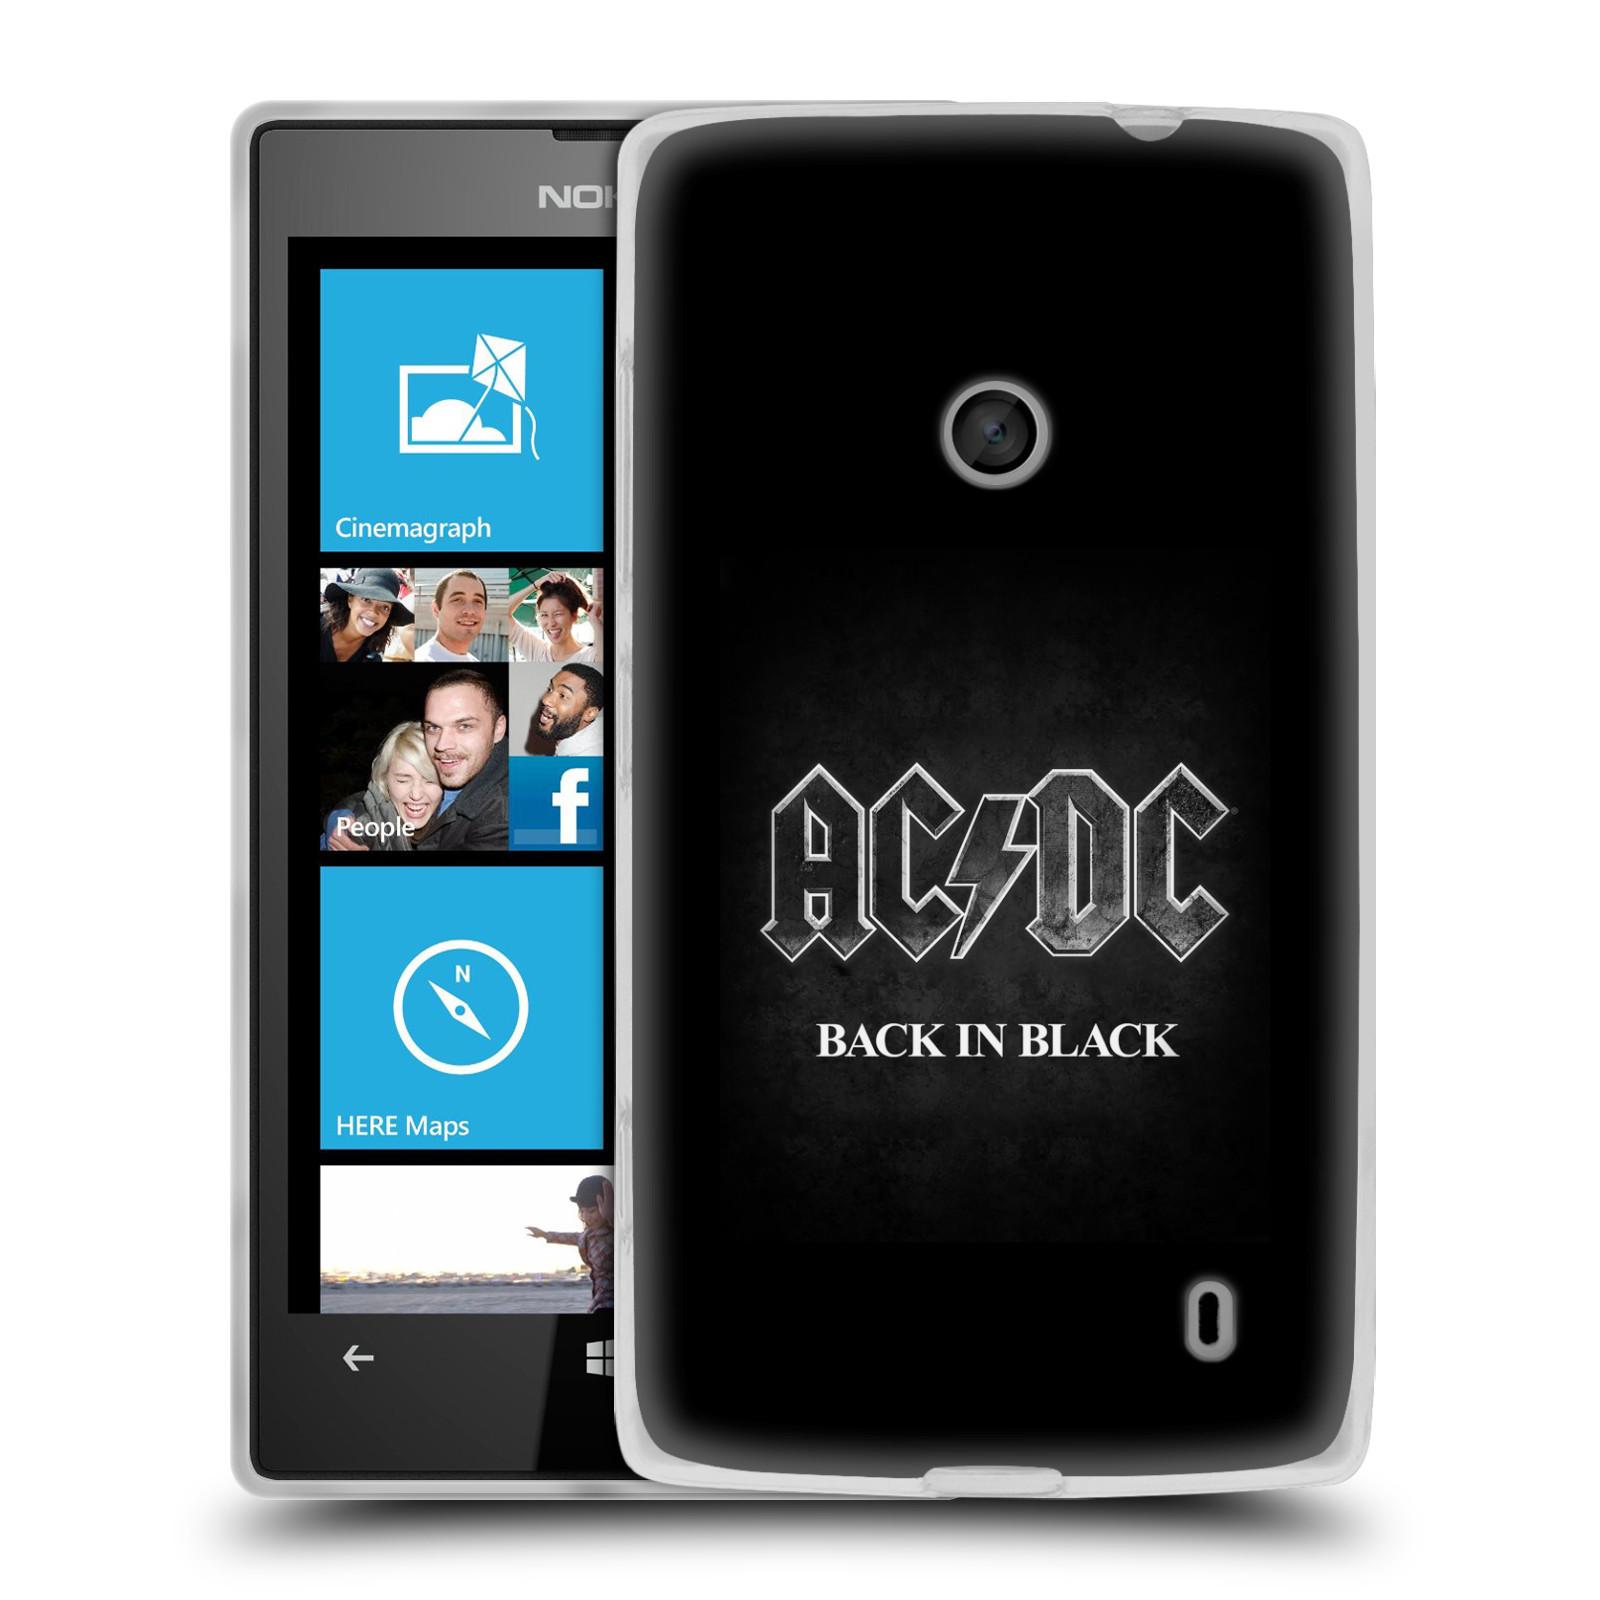 Silikonové pouzdro na mobil Nokia Lumia 520 HEAD CASE AC/DC BACK IN BLACK (Silikonový kryt či obal na mobilní telefon s oficiálním motivem australské skupiny AC/DC pro Nokia Lumia 520)